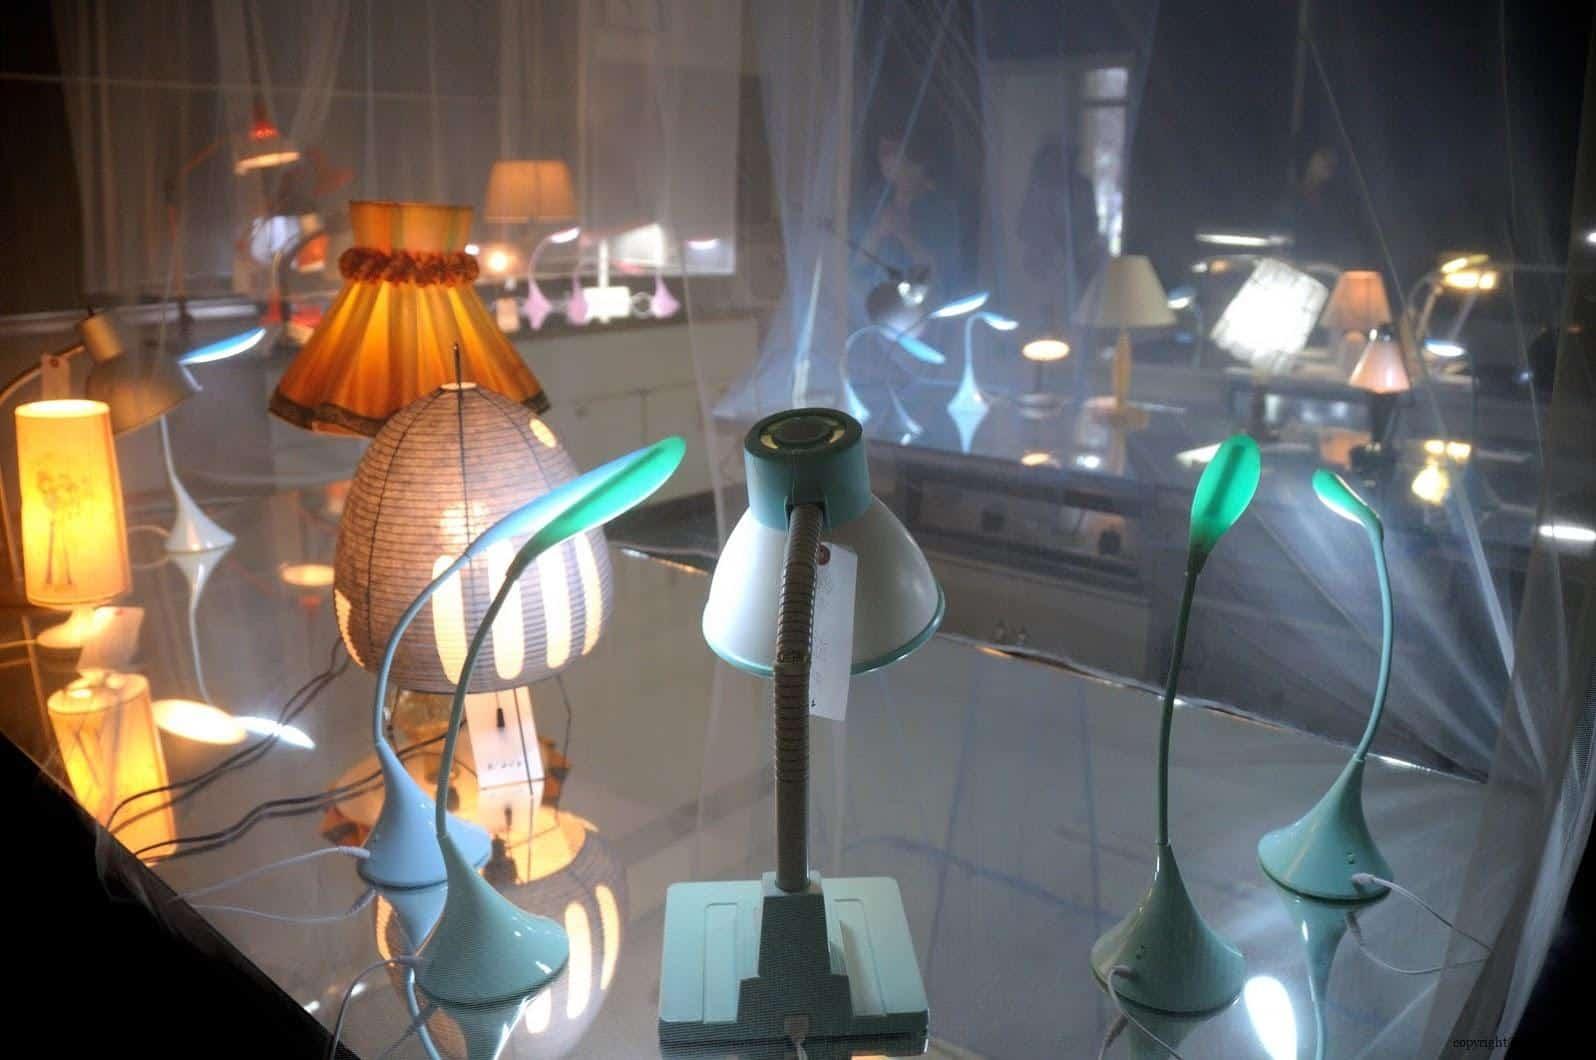 張哲溢,燈光溫室 越後妻有 手風琴/燈光溫室 acoordion conservatory of lights 01